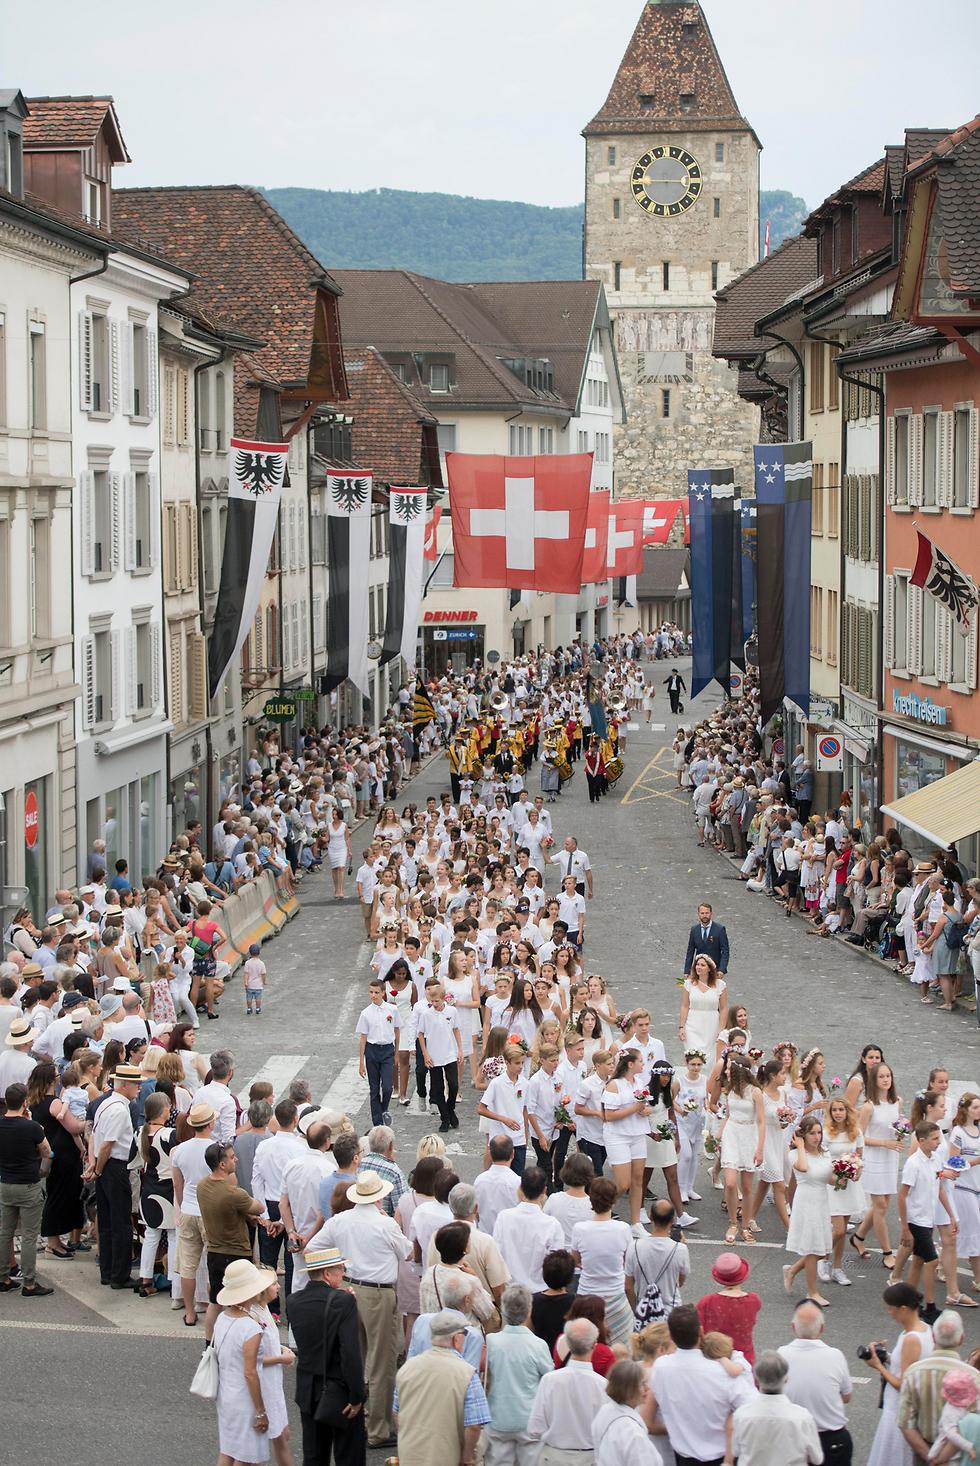 """חגיגות """"מיינצוג"""" לילדים ובני נוער בארגאו, אחד מהקנטונים הצפוניים של שווייץ. האירוע שנערך זה יותר מ-400 שנה נערך מדי שנה ביום שישי הראשון של חודש יולי (צילום: EPA)"""